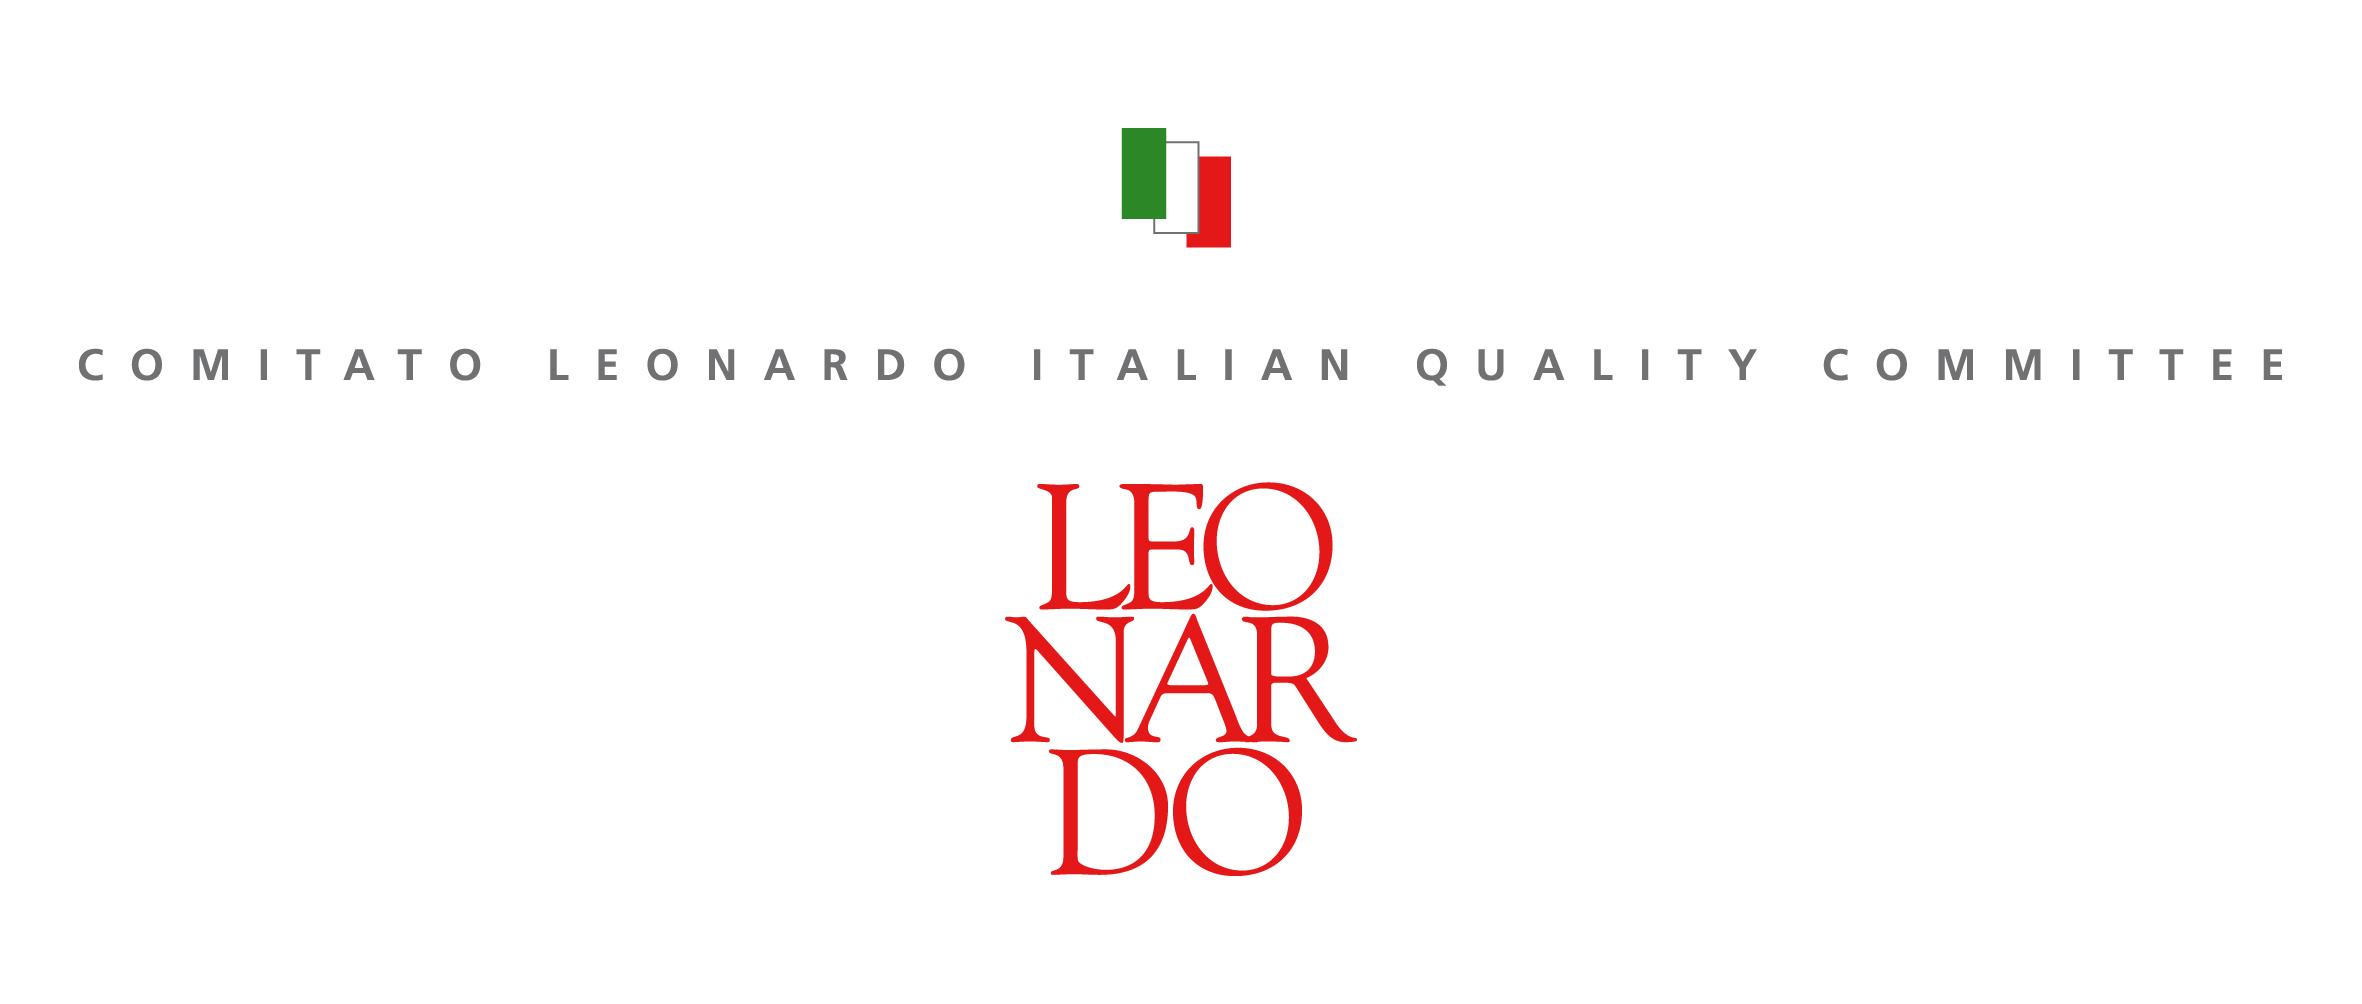 """""""Made in Italy=Made in Beauty. La Bellezza nell'industria Italia"""" 5 ottobre 2018 - ore 11 - sede di Santa MargheritaGruppo Vinicolo - Via Ita Marzotto, 8 - Fossalta di Portogruaro"""